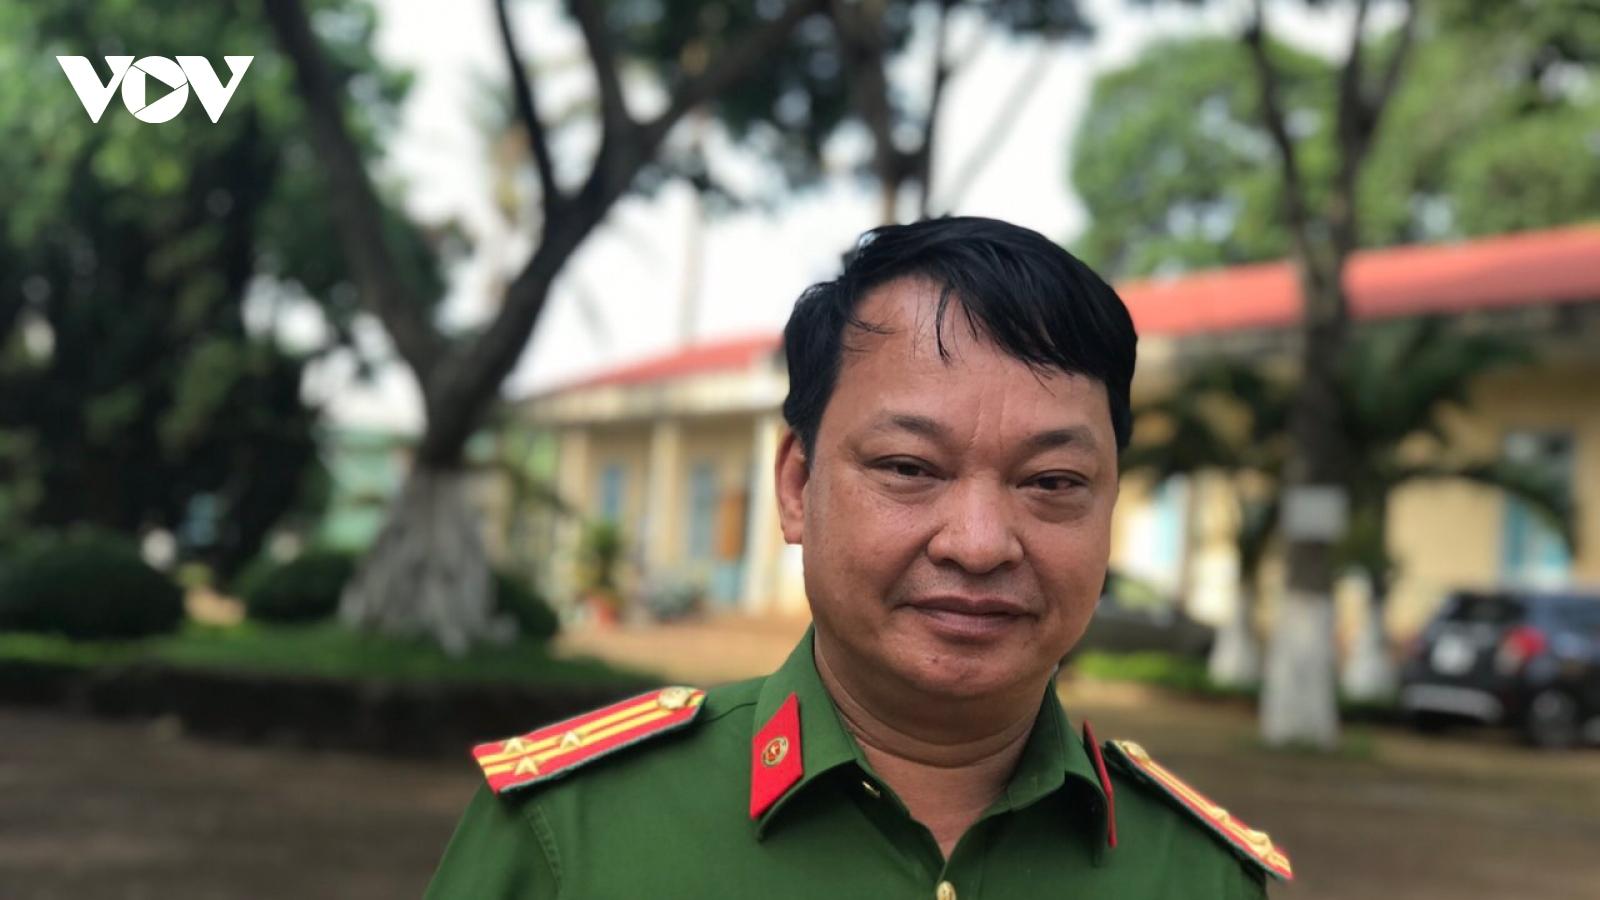 Cán bộ Trại tạm giam Công an tỉnh Gia Lai đi từng buồng giam để tuyên truyền bầu cử